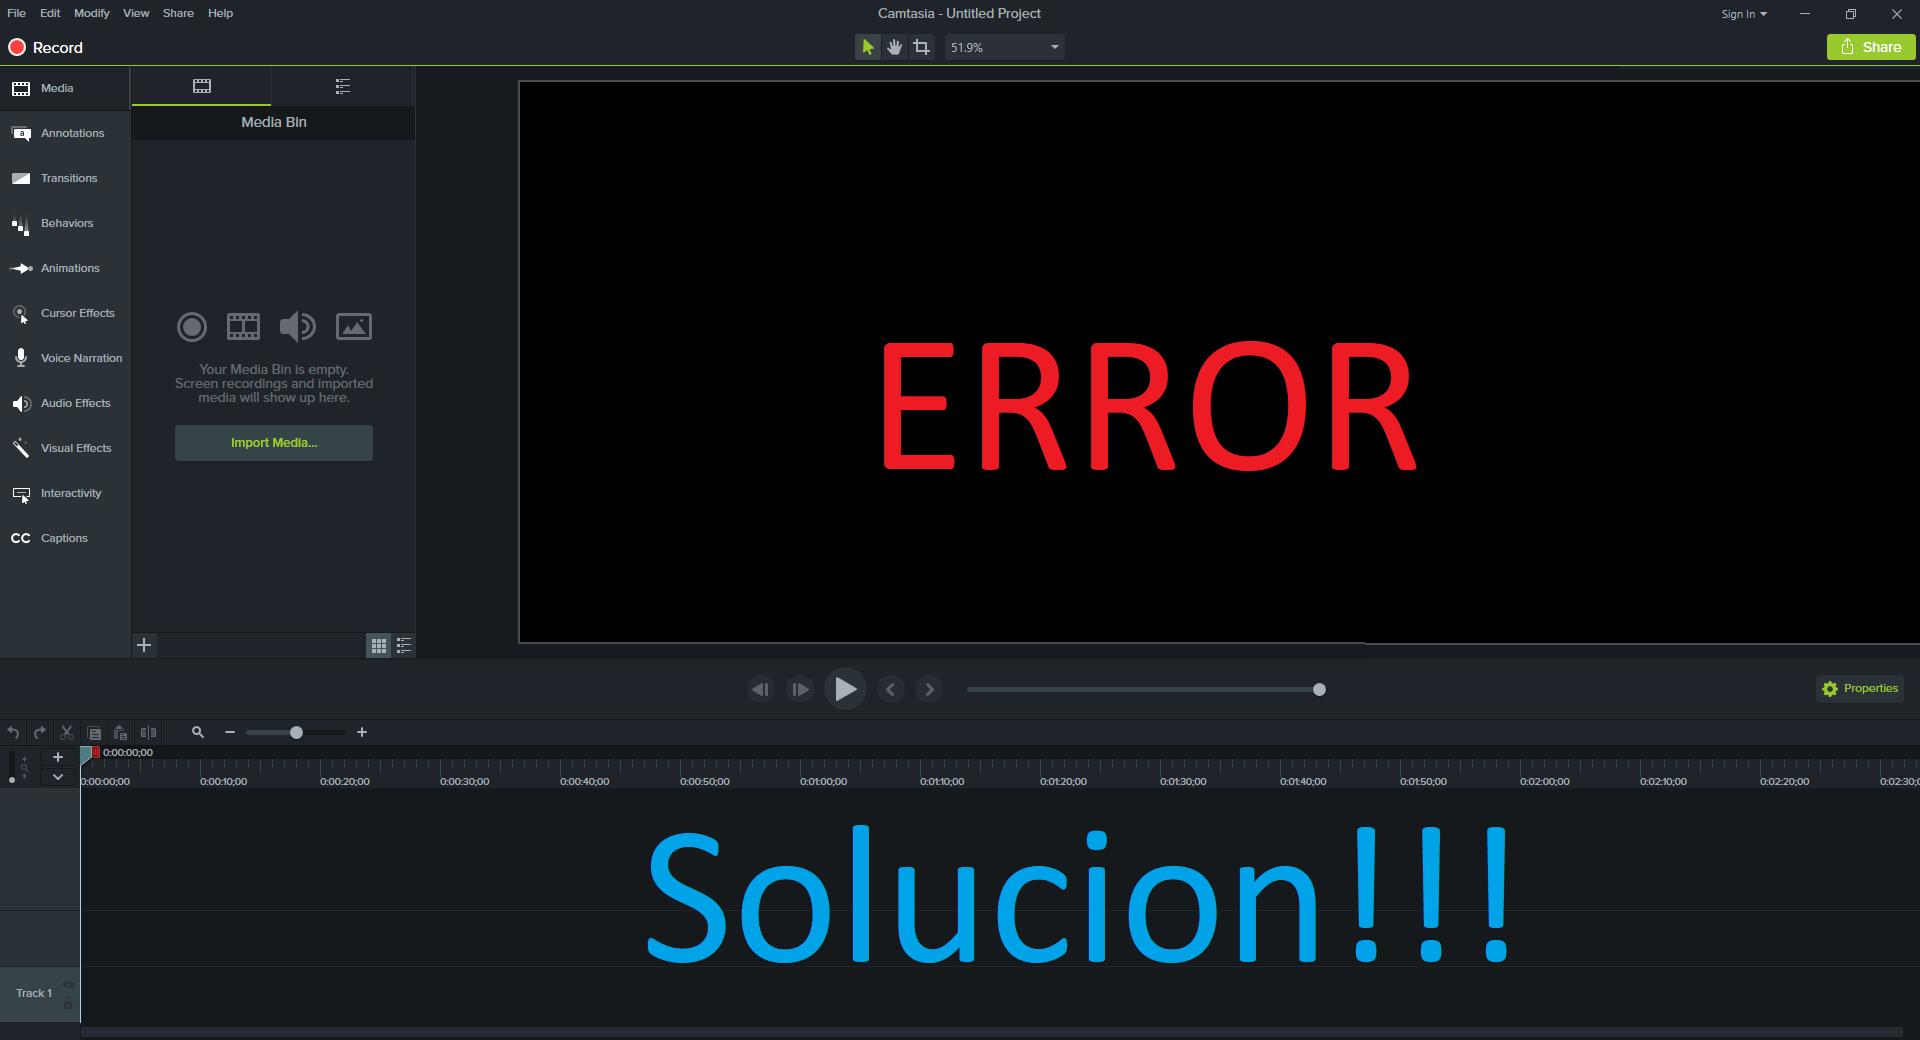 Camtasia studio 9 error de visualización pantalla negra